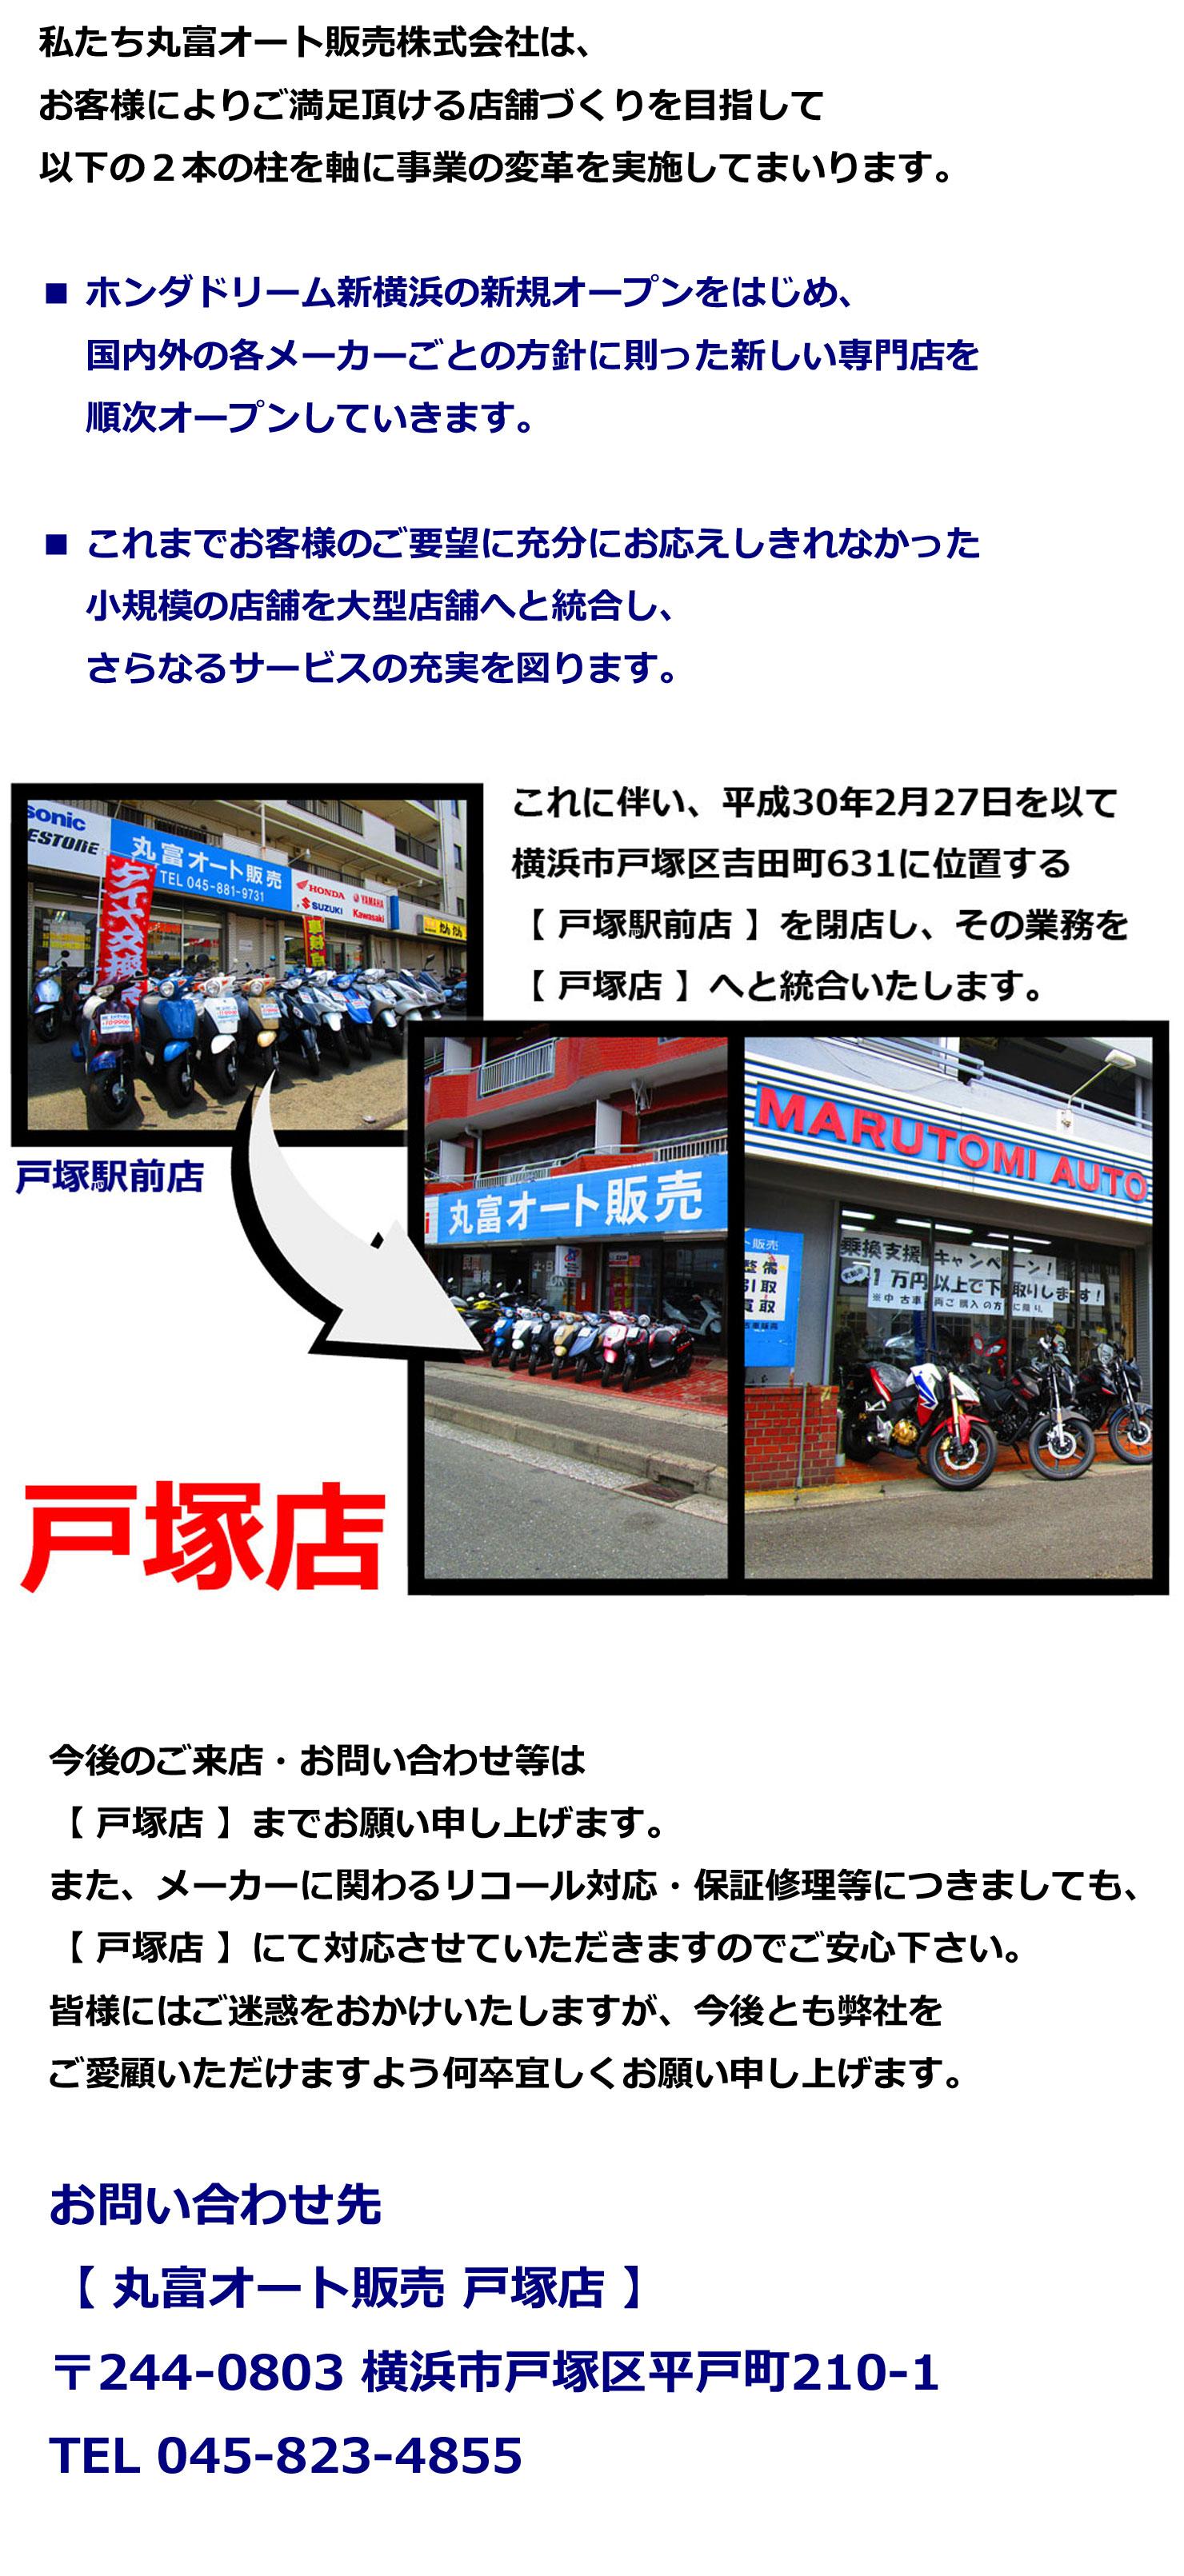 【戸塚駅前店】 事業の変革に伴う閉店のお知らせ